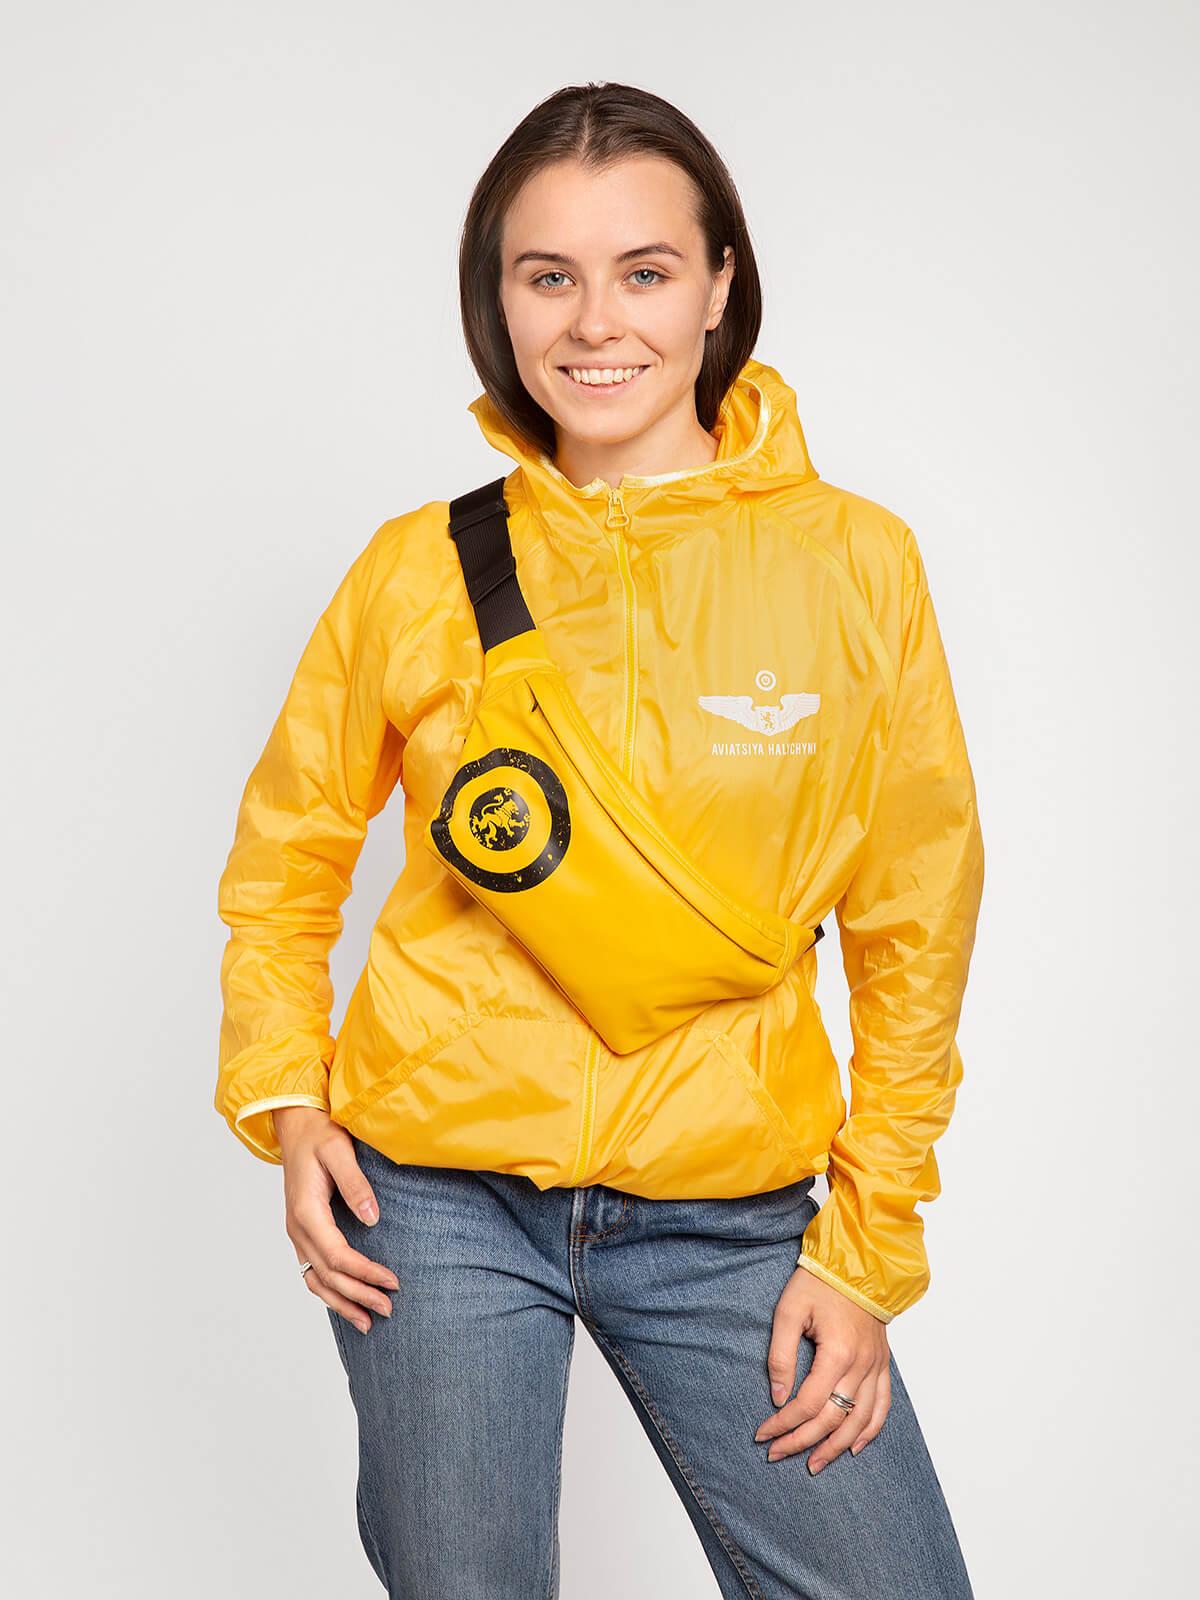 """Бананка З Вітровиком Комплект """"щасливого Лету"""". Колір жовтий. Матеріал бананки — 100% поліефір, покриття – ПВХ-100%, водонепроникність 1500 г/м2/24 год."""